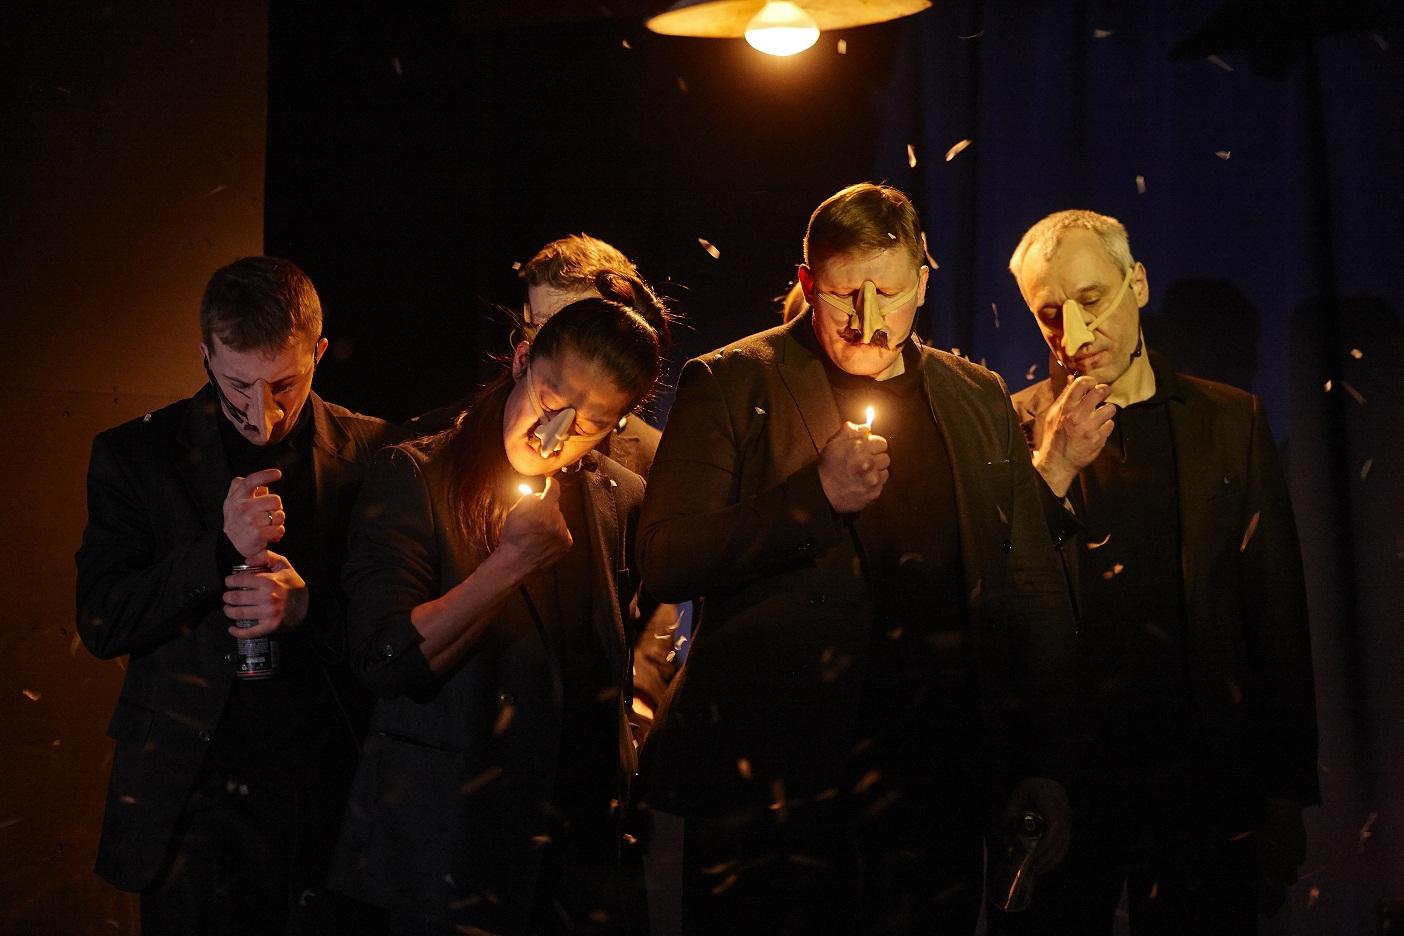 Театральный эксперимент: в главной роли - умерший актер. 385429.jpeg